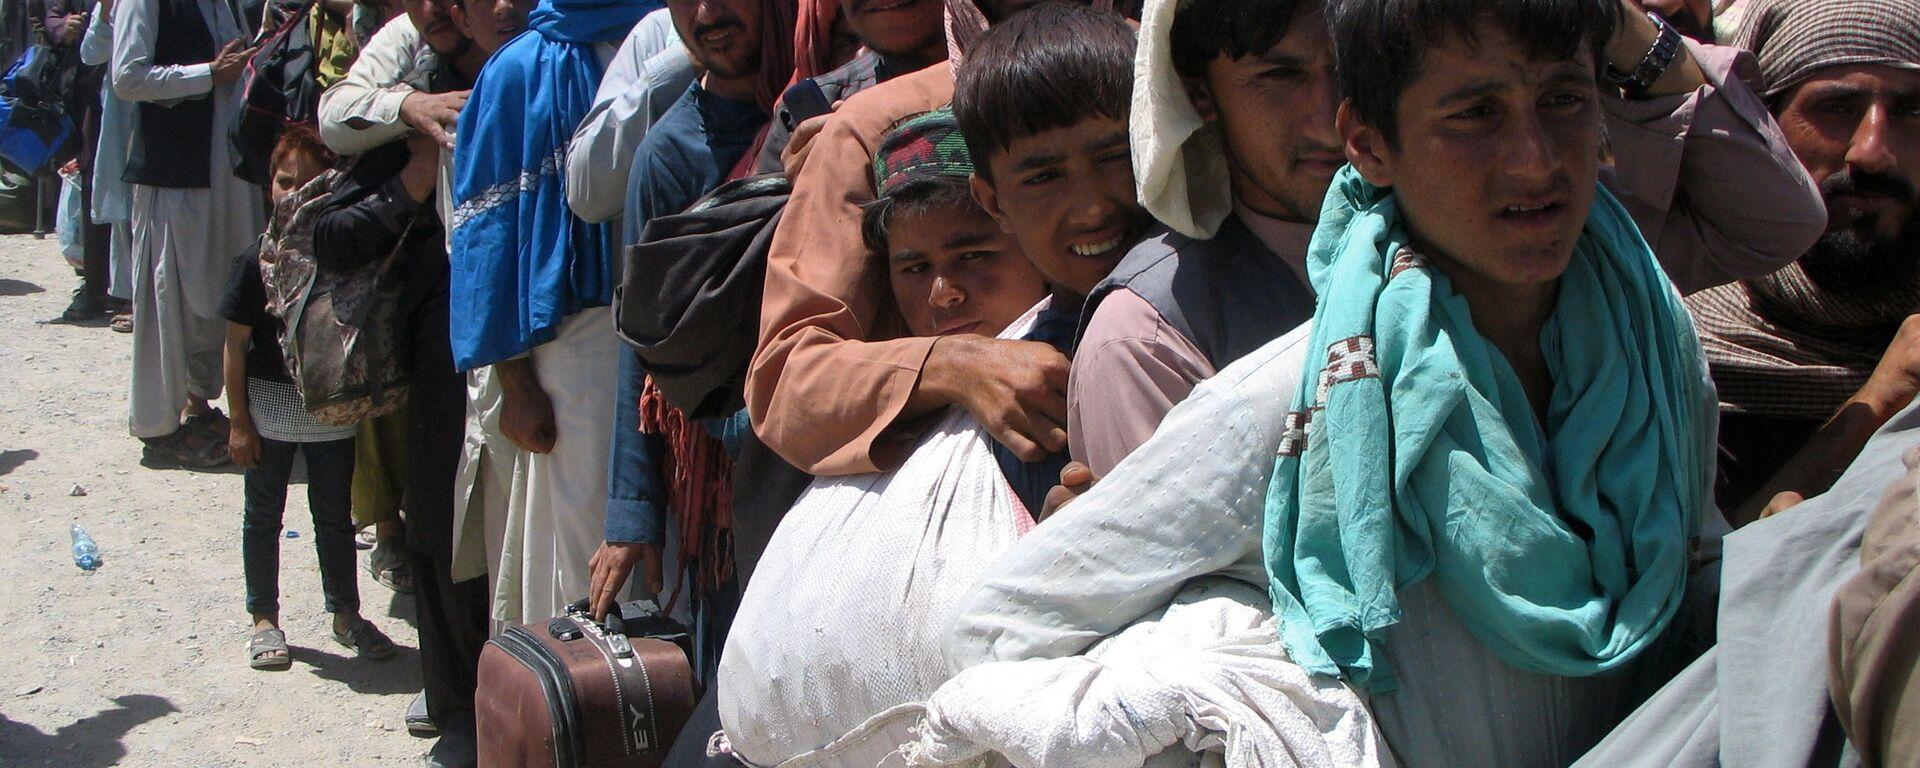 На пропускном пункте «Ворота дружбы» в пакистано-афганском пограничном городе Чаман - Sputnik Таджикистан, 1920, 01.09.2021